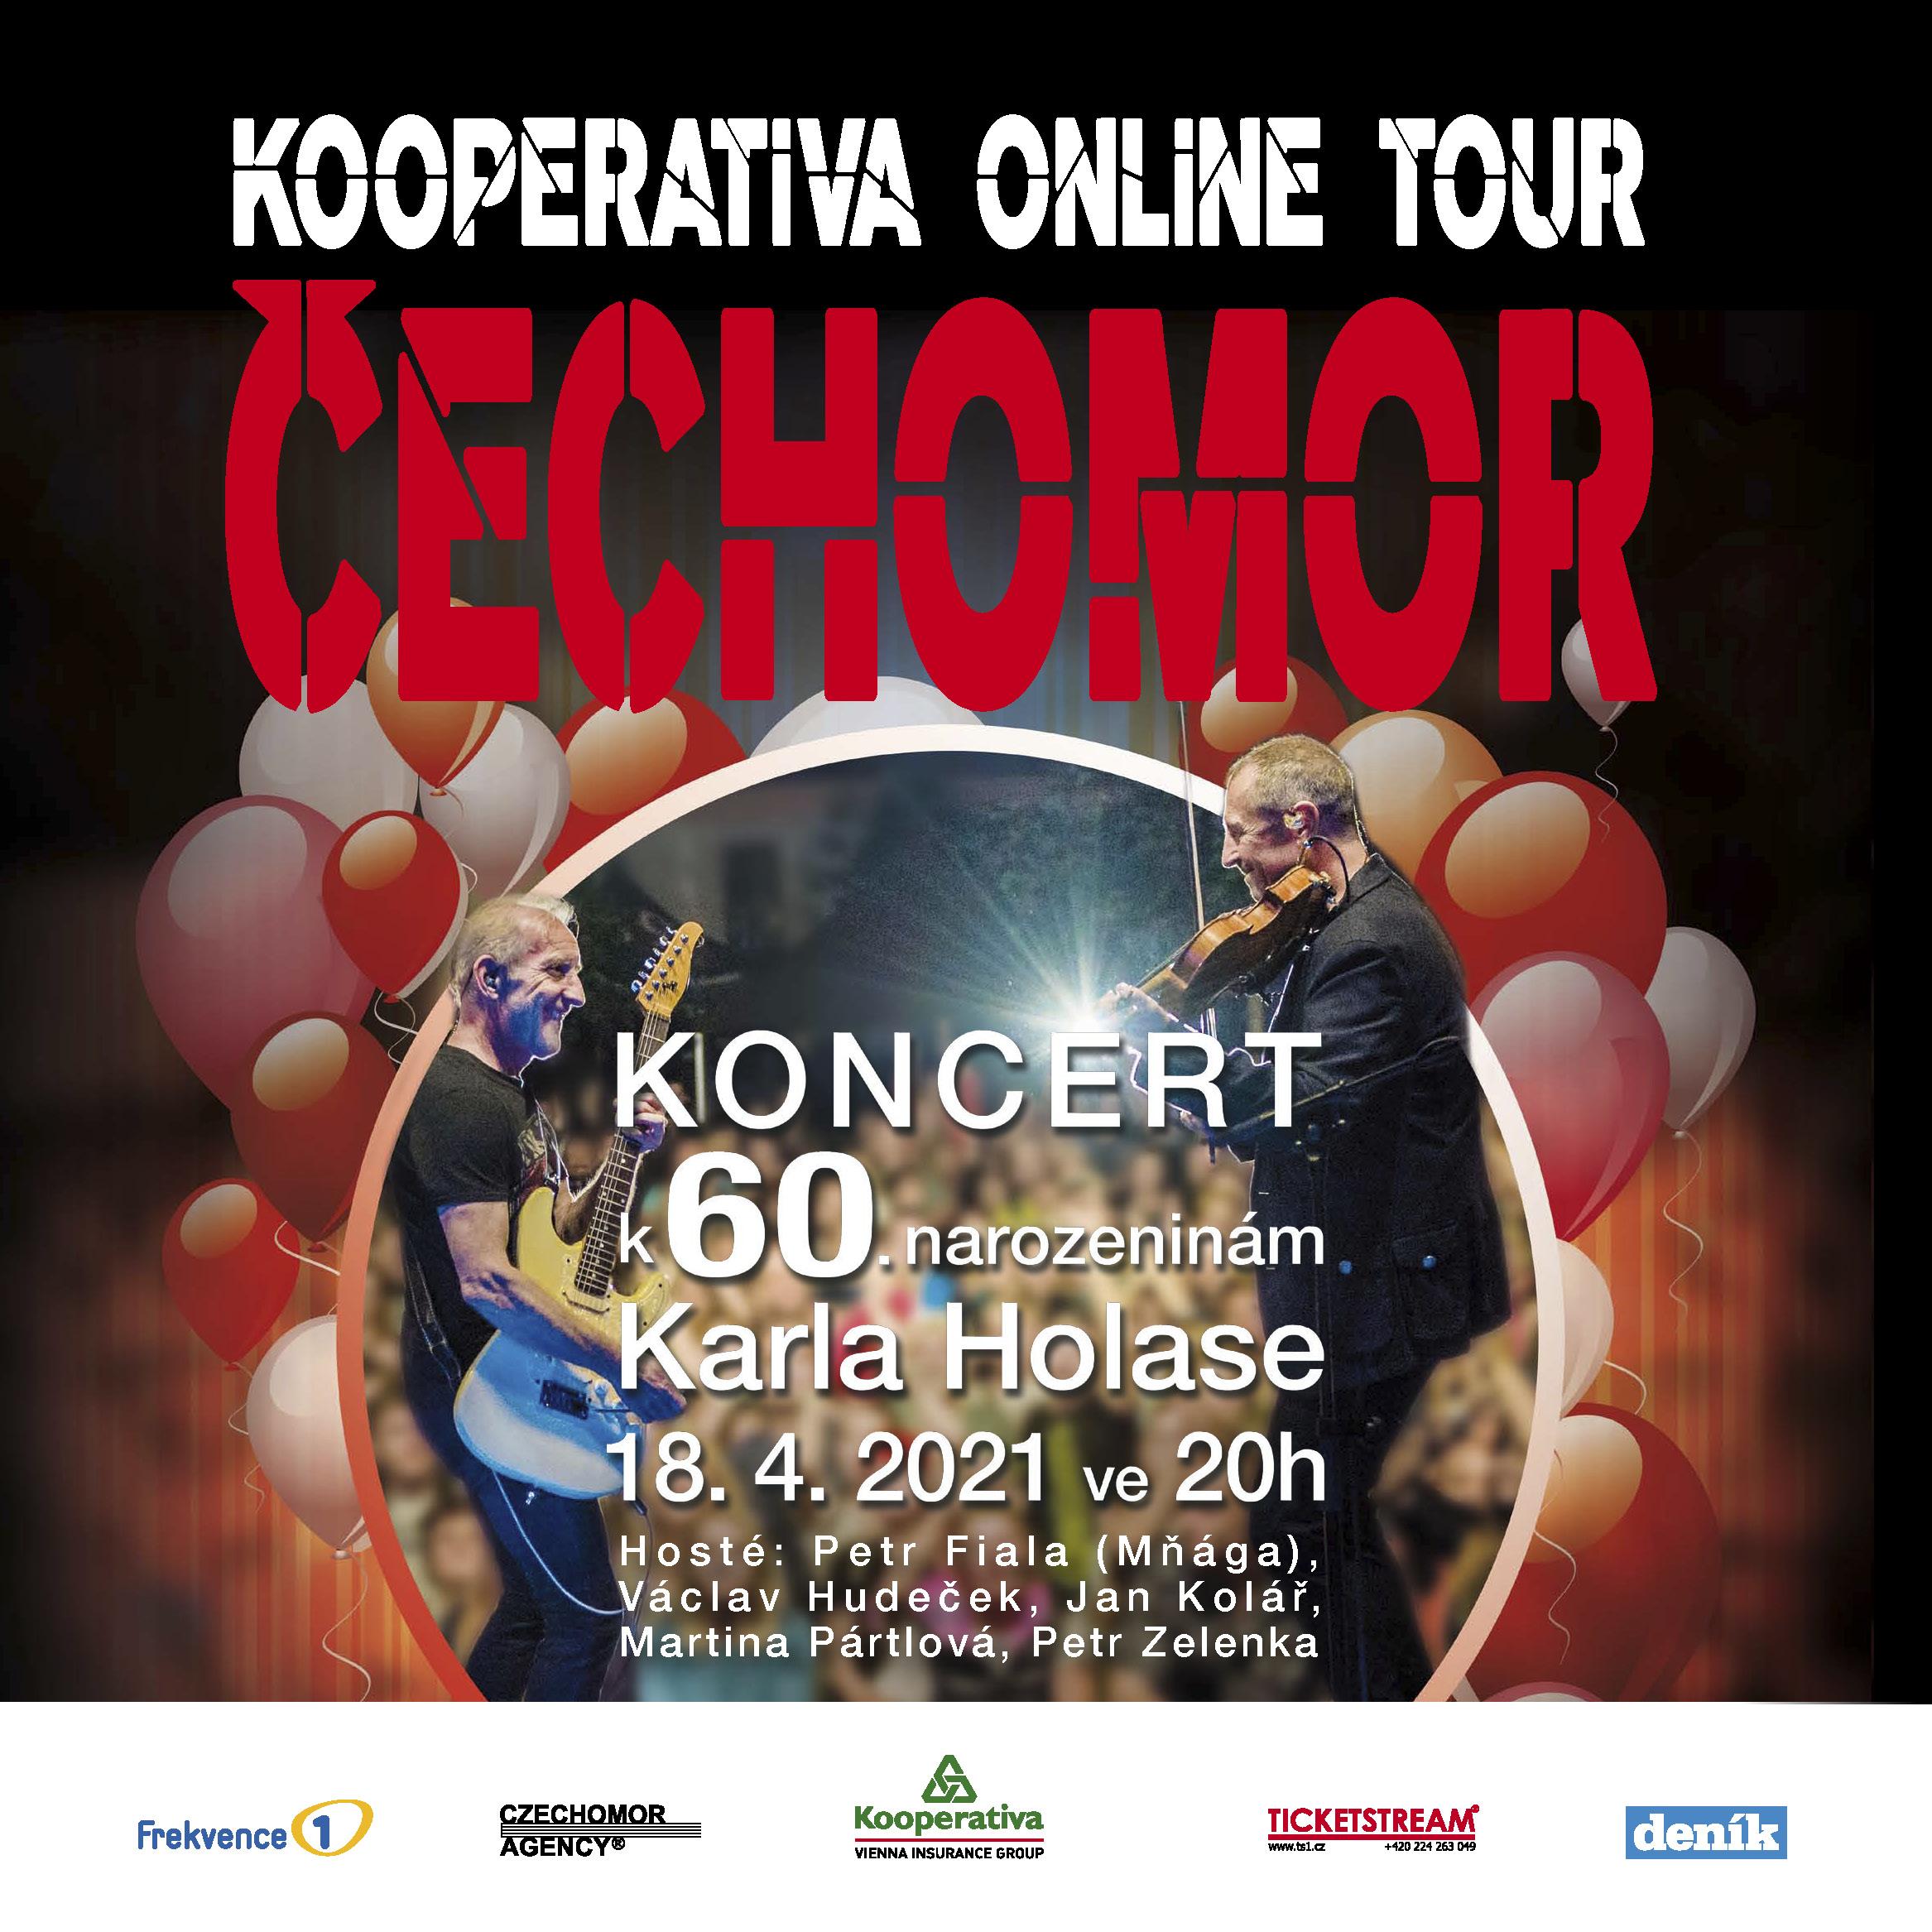 Čechomor<br>Koncert k 60. narozeninám Karla Holase<br>v rámci Kooperativa Online Tour